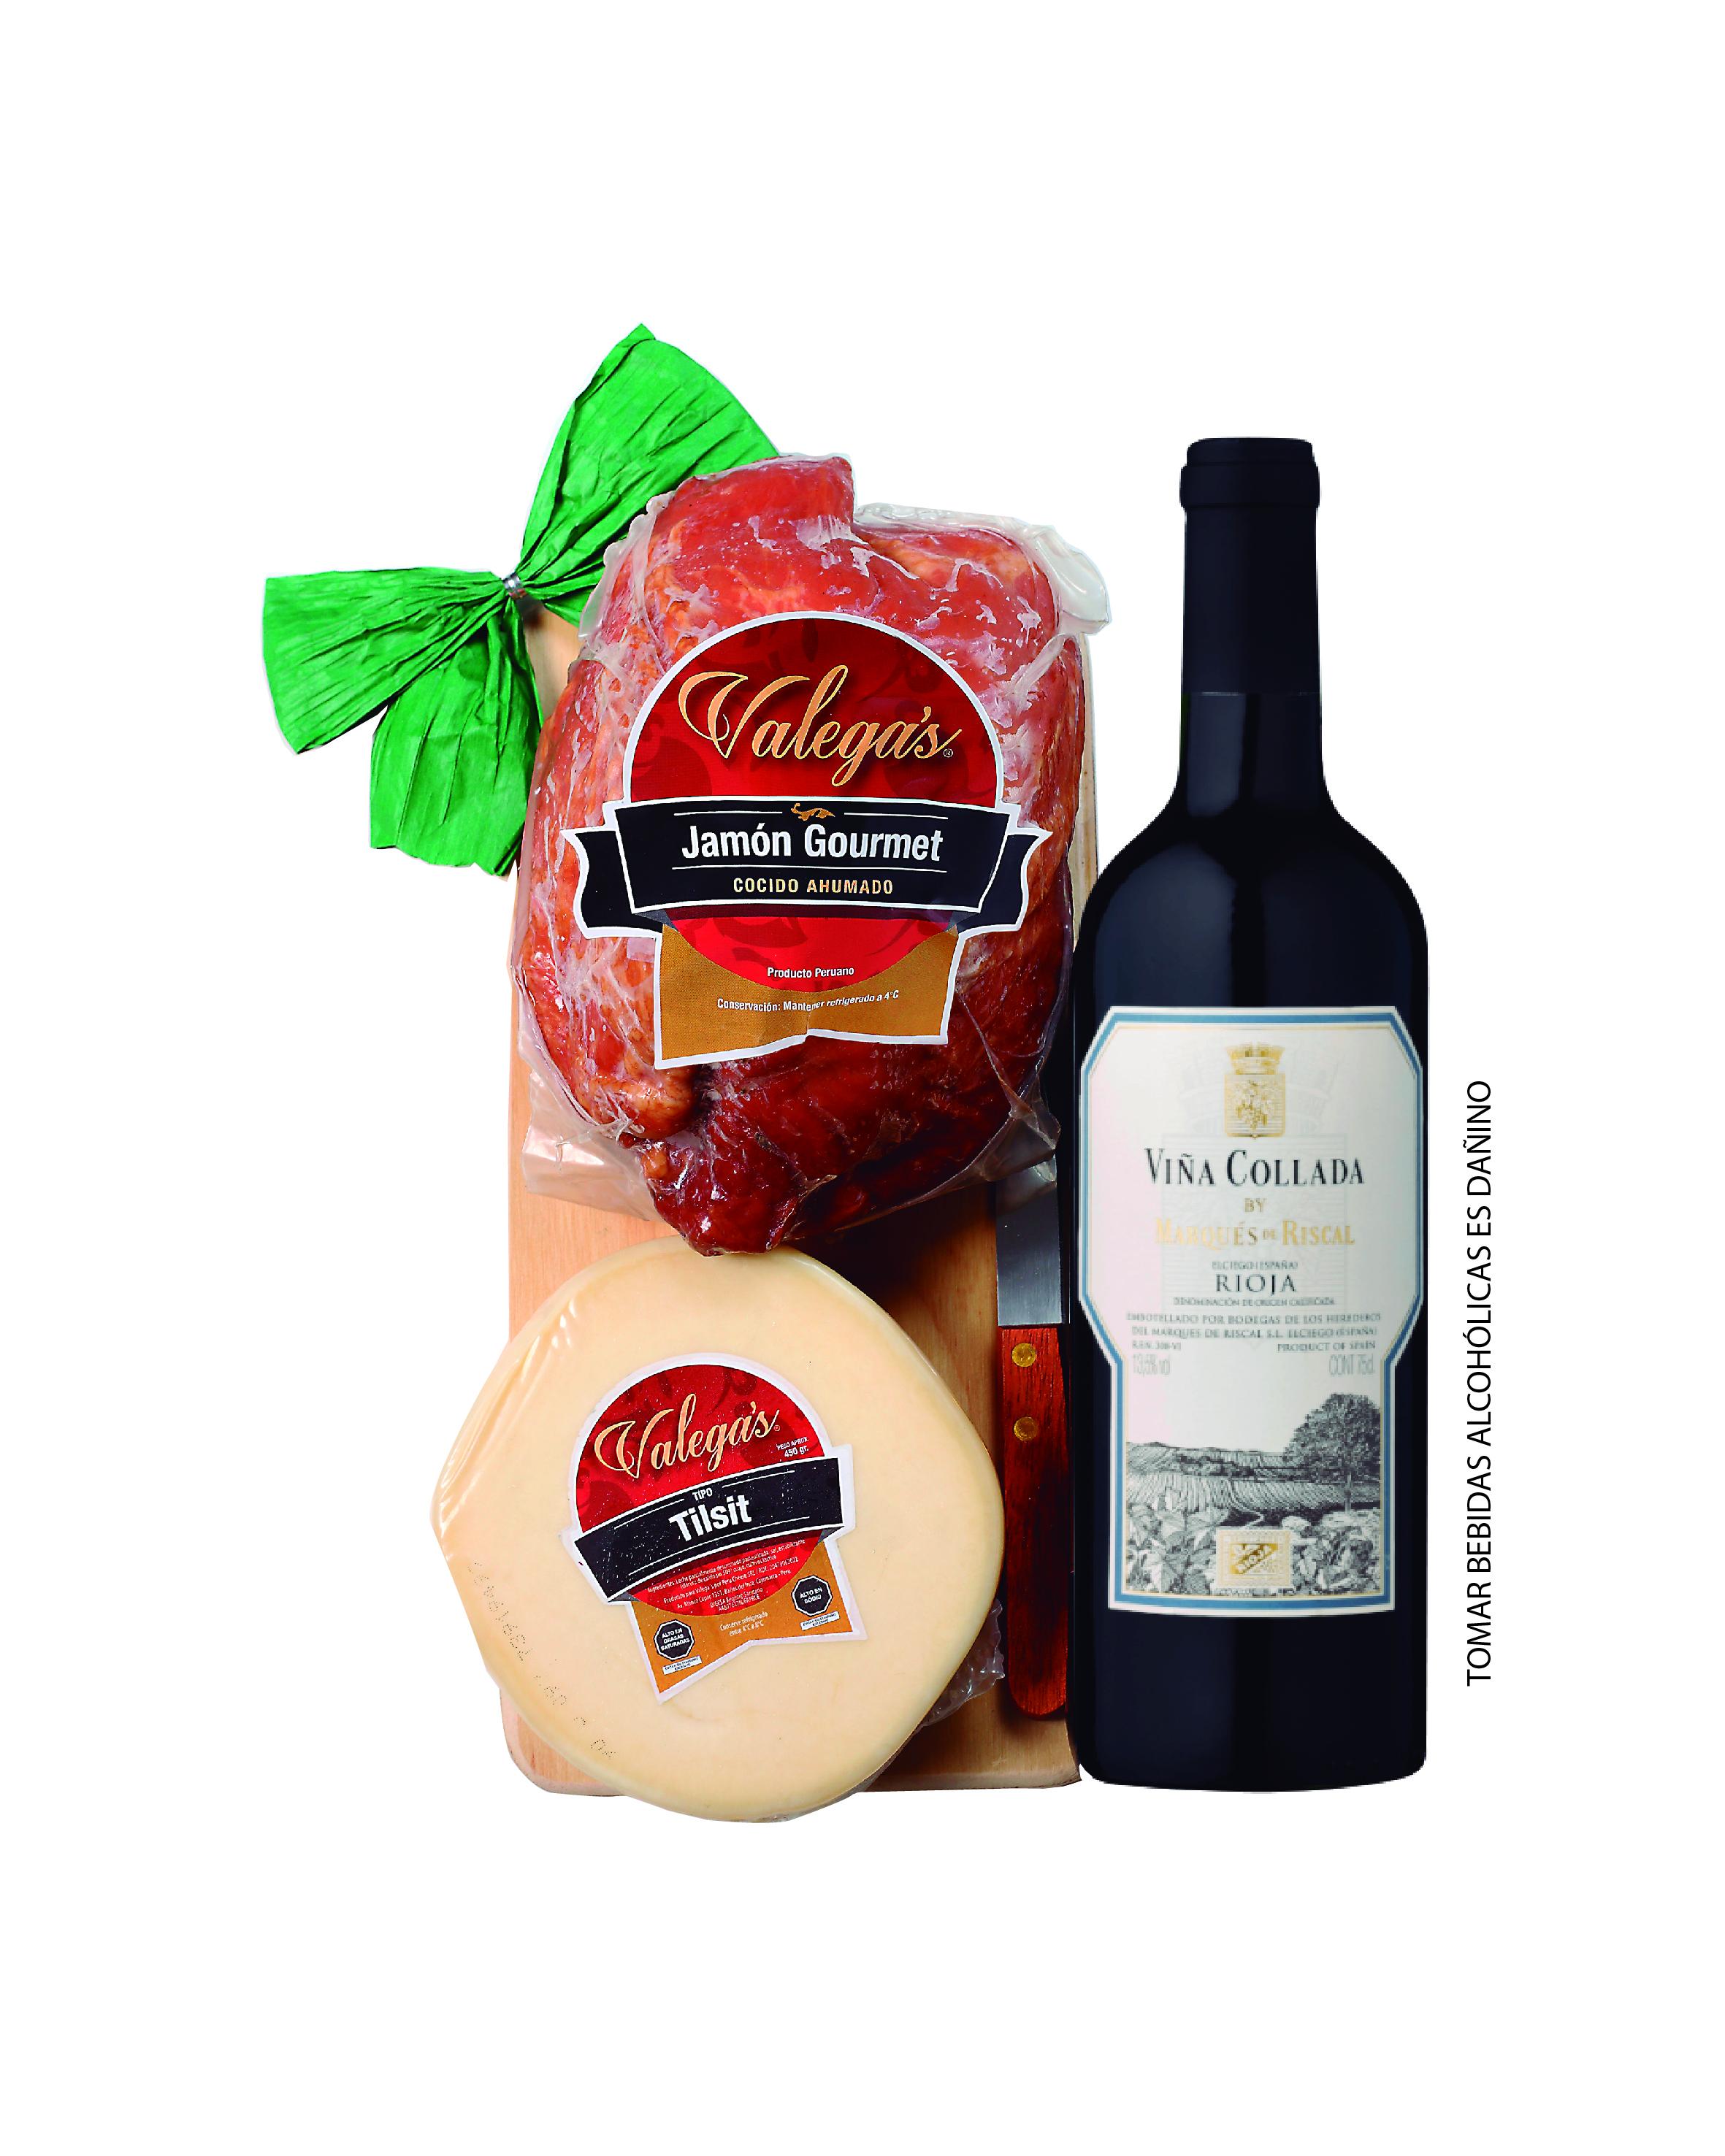 Jamón Gourmet de 1.2kg con tablita de madera y cuchillo,acompañado por un vino Rioja de Marqués del Riscal y 450gr de queso tipo Tilsit